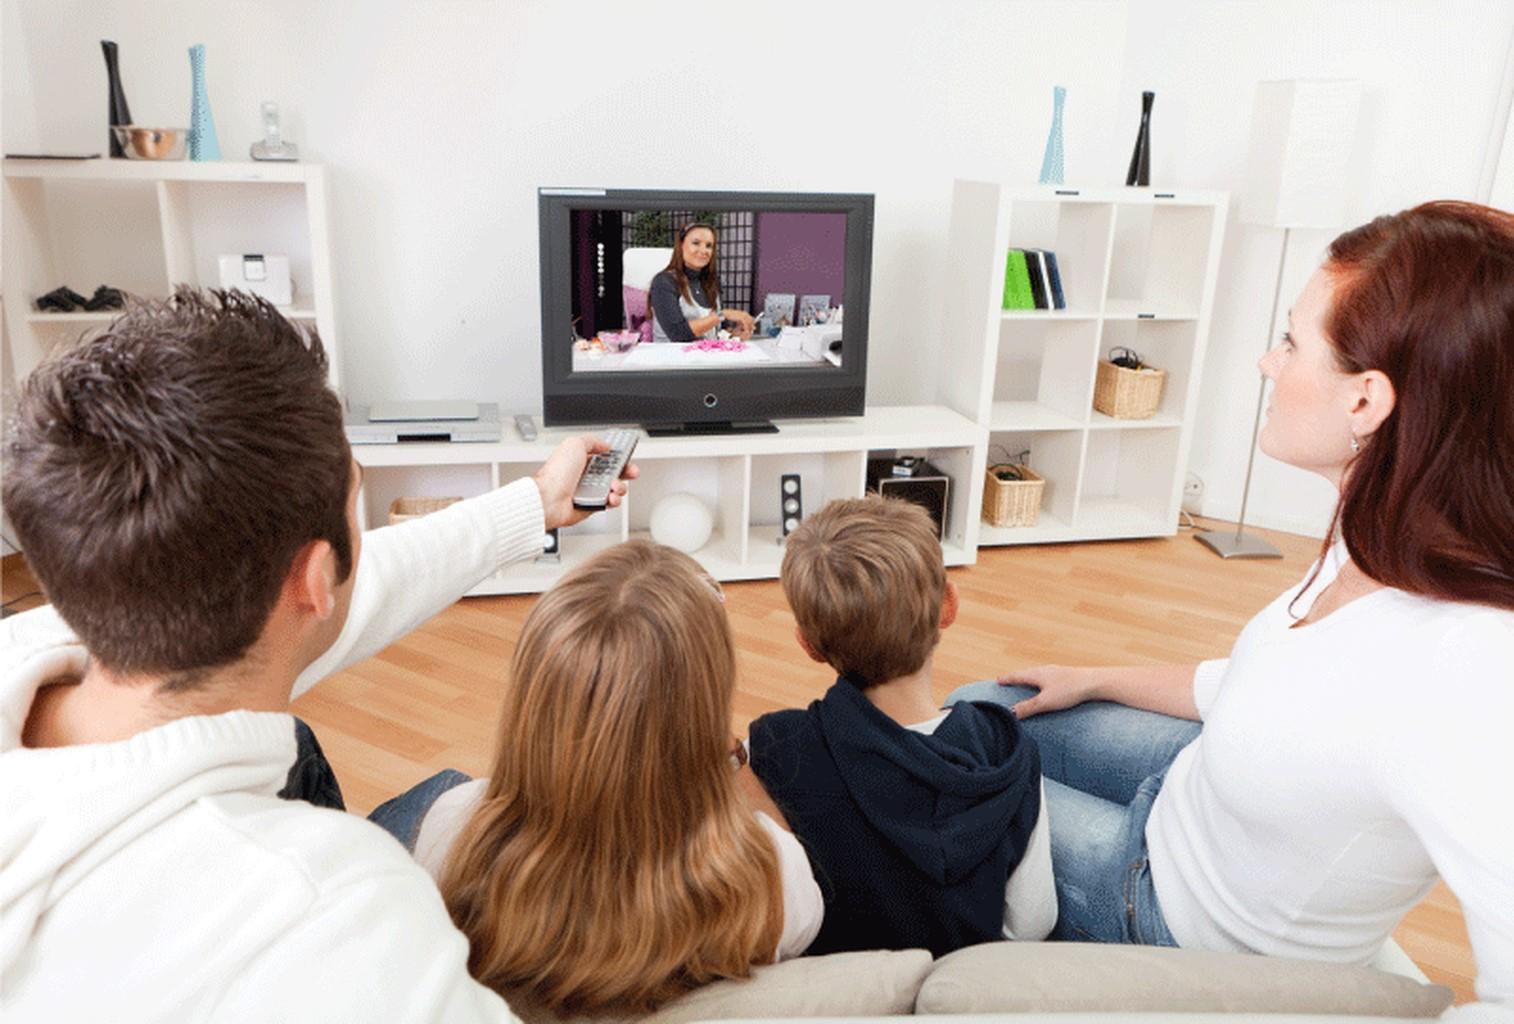 SOLUZIONE: come convertire una connessione HDMI in RF o coassiale? 1